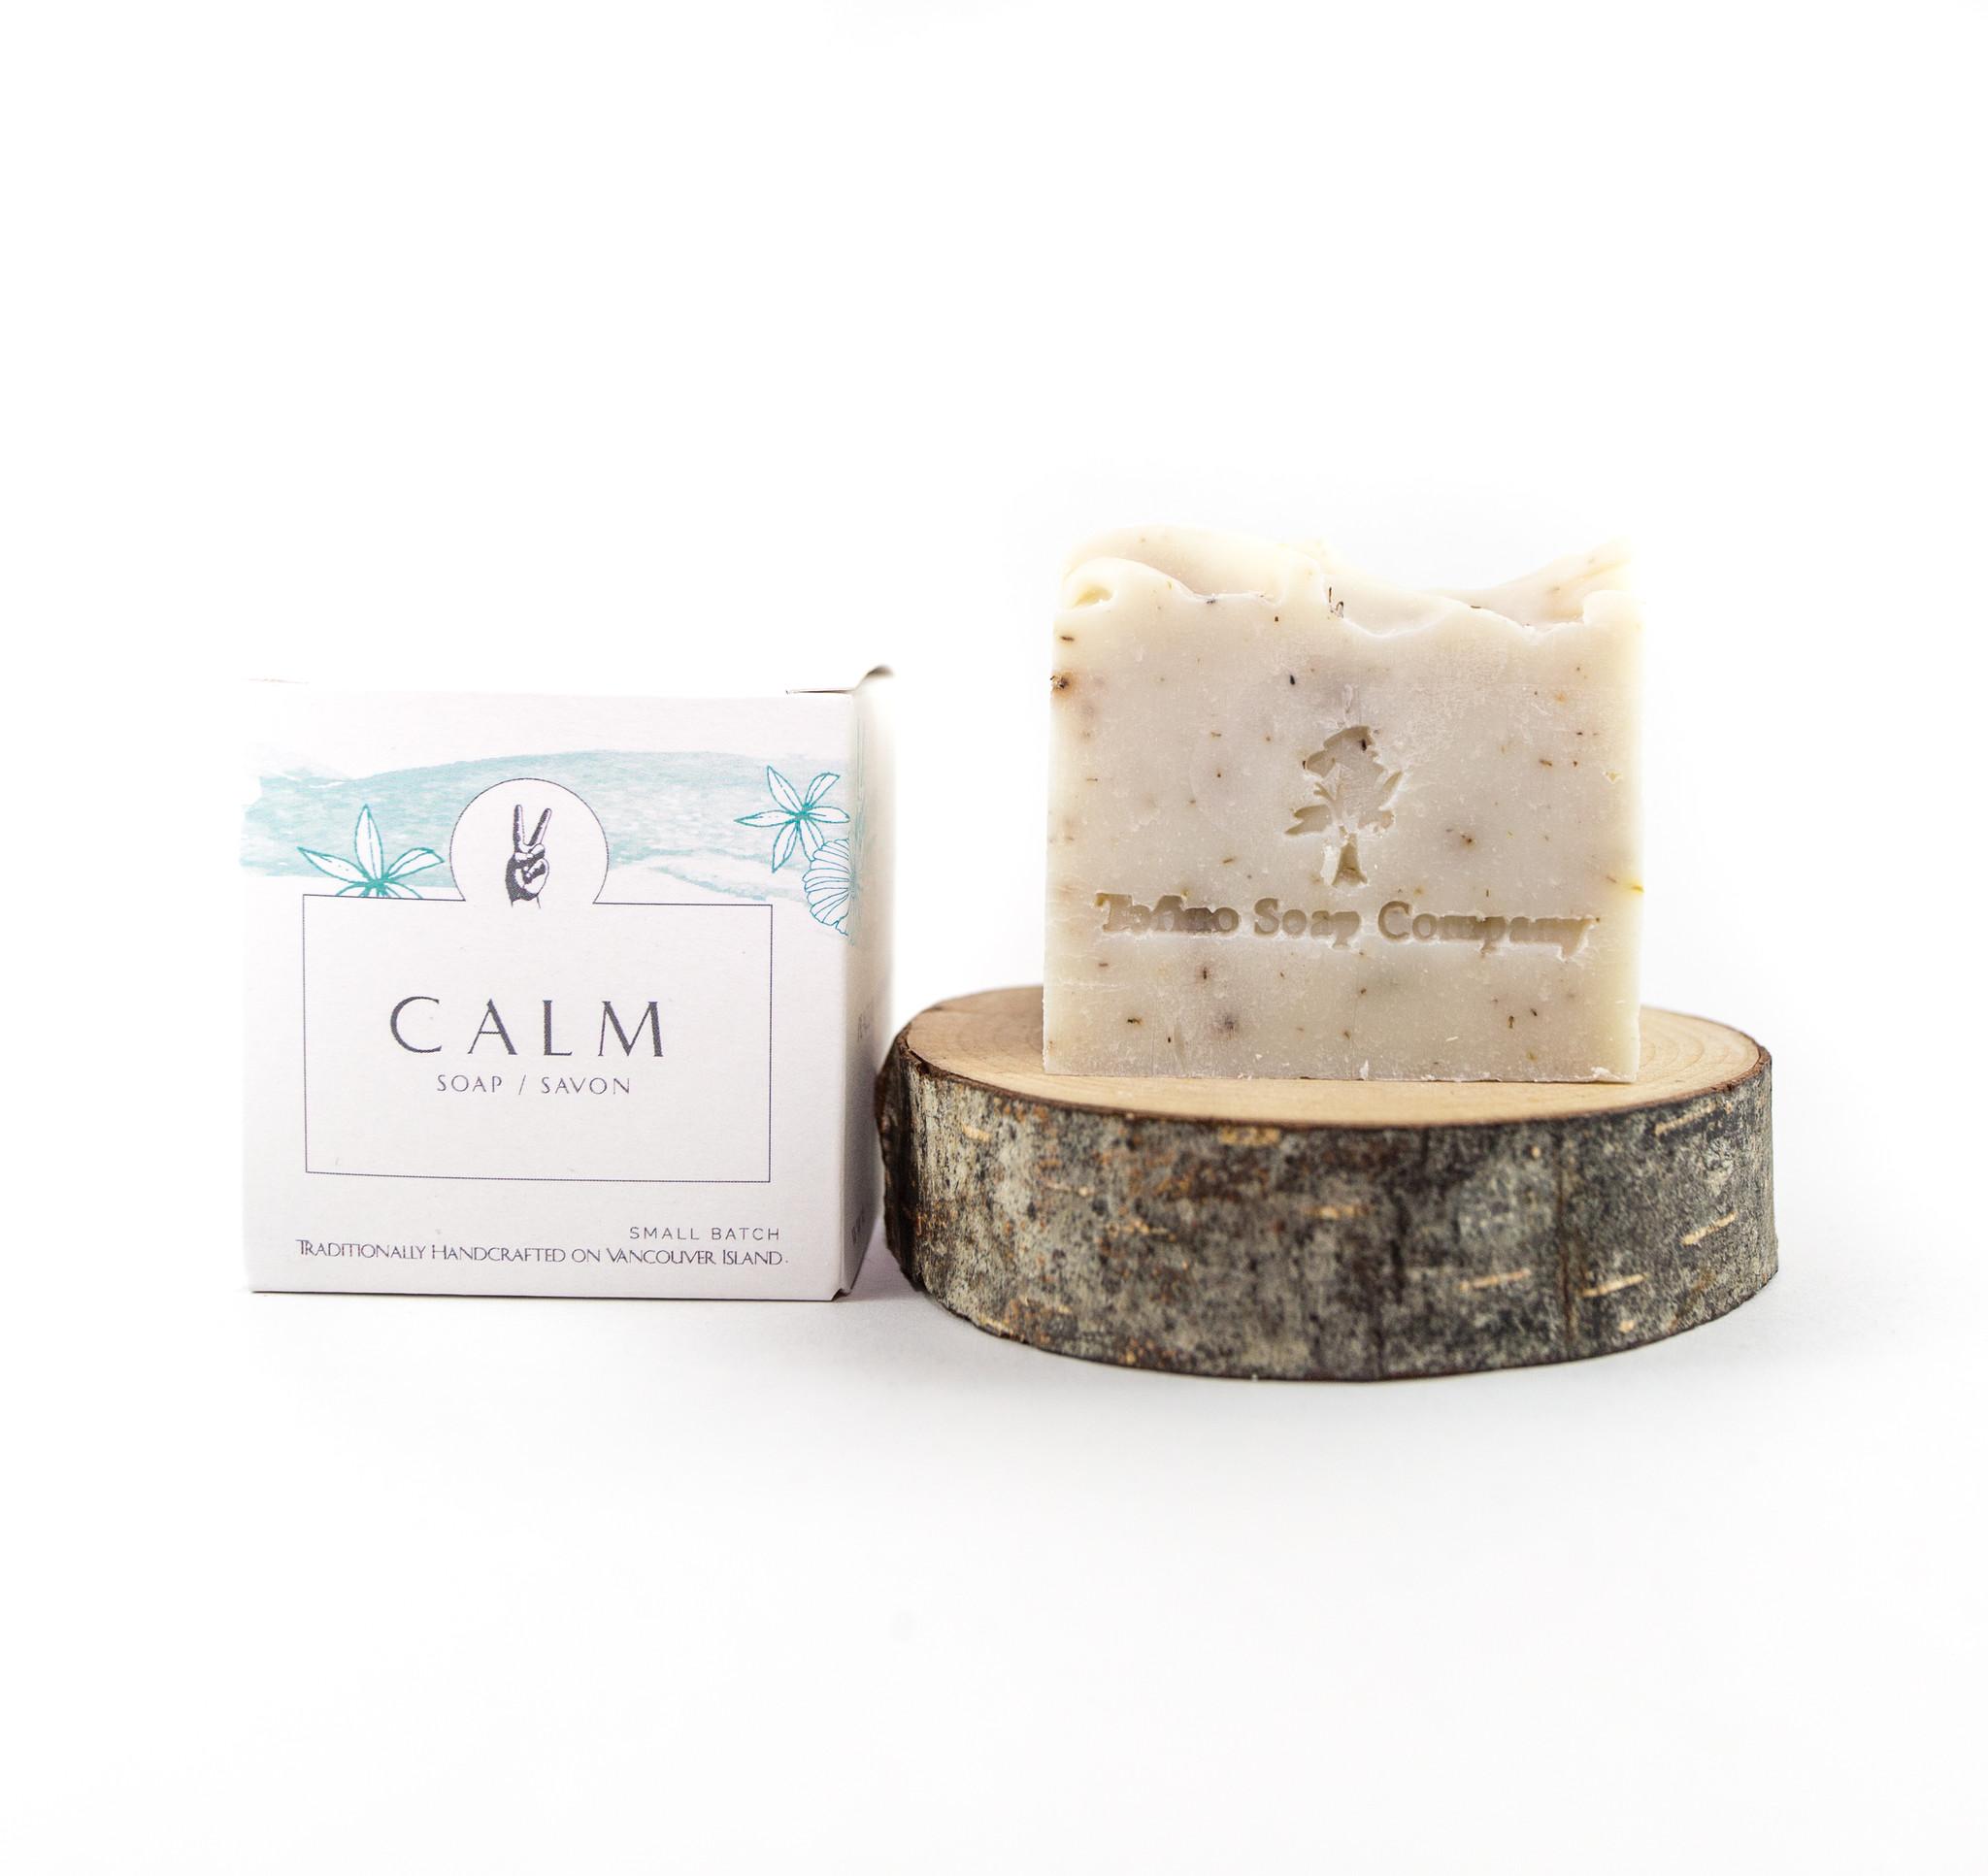 Tofino Soap Company Calm Soap